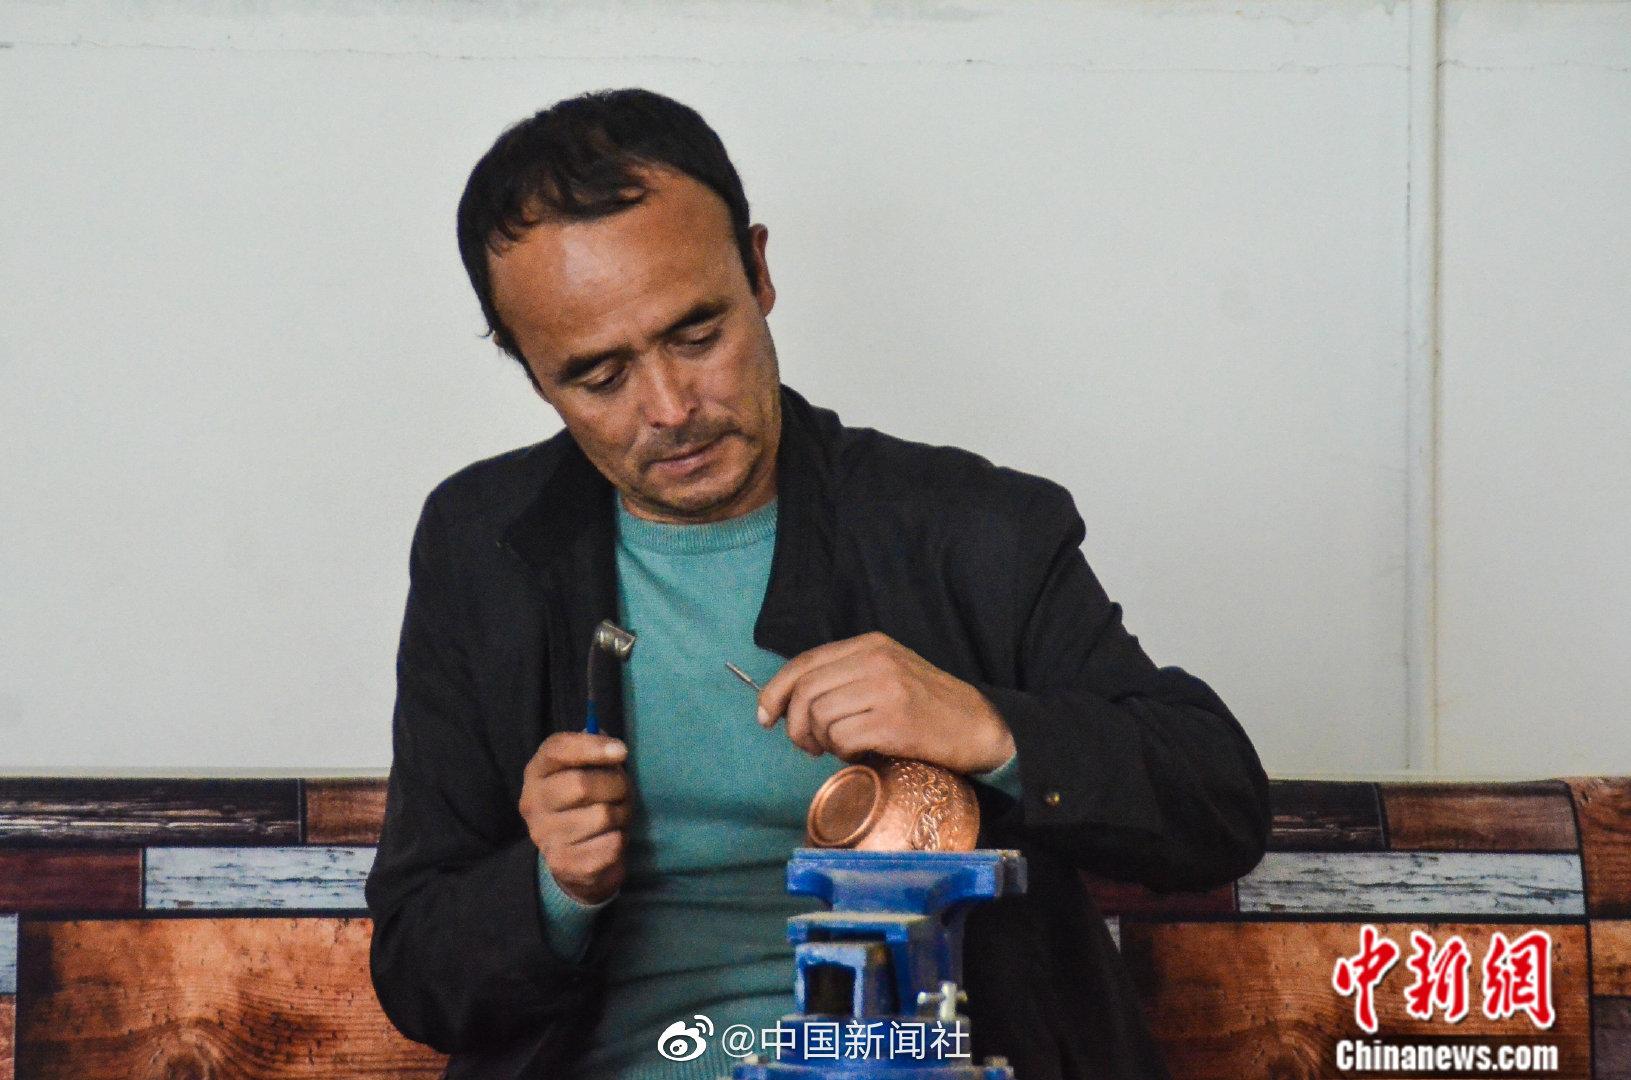 新疆铜器制作技艺助民众增收